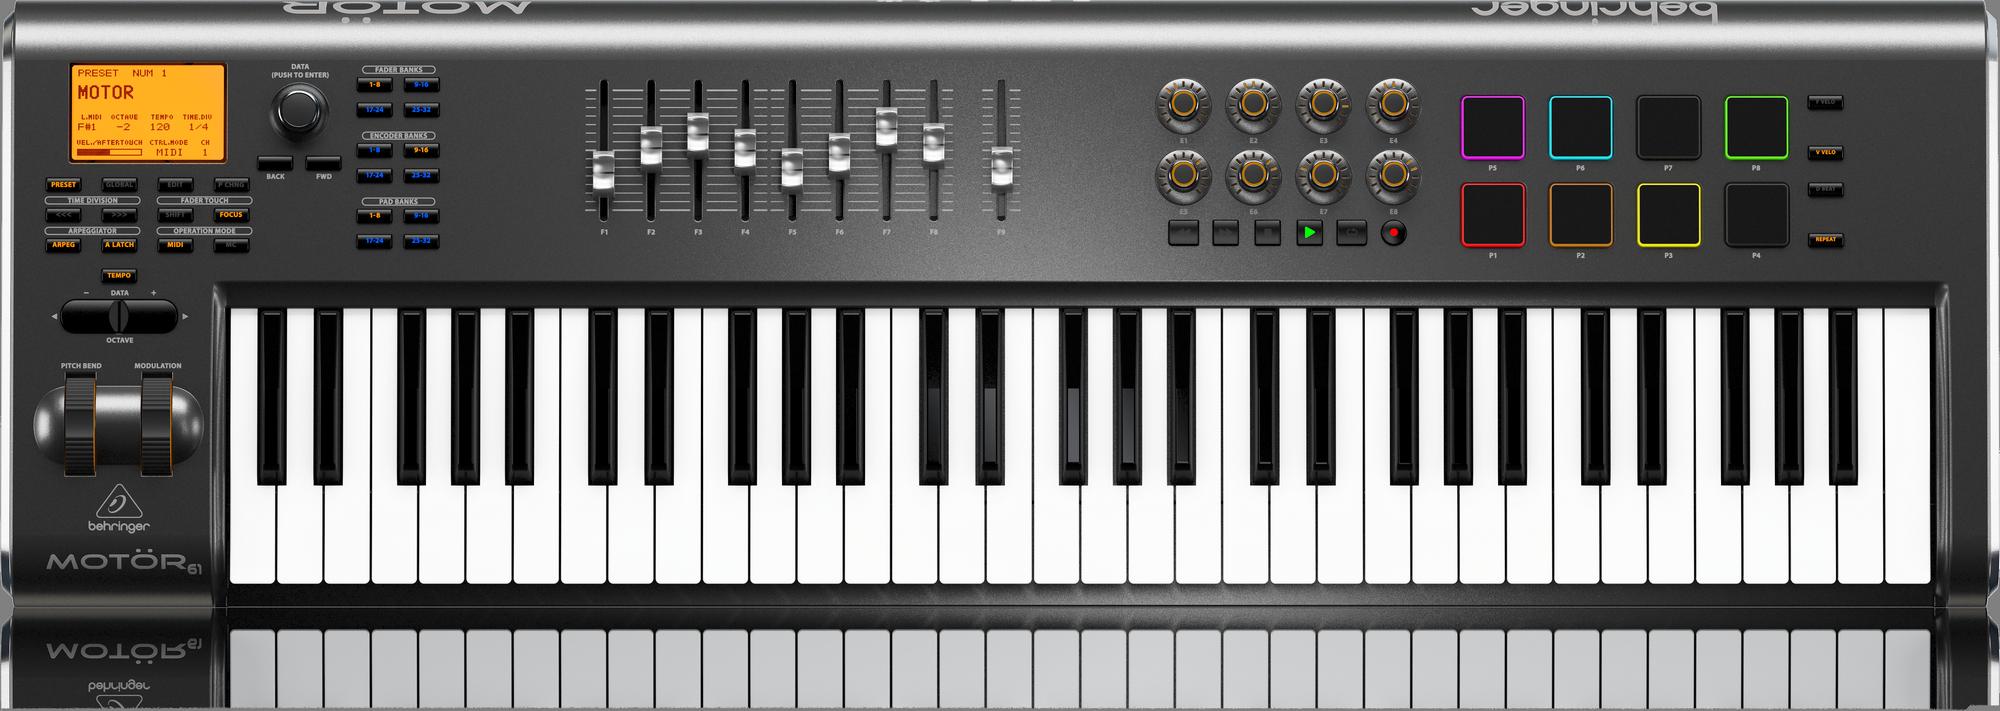 Behringer MOTÖR 61 - Midi Keyboard